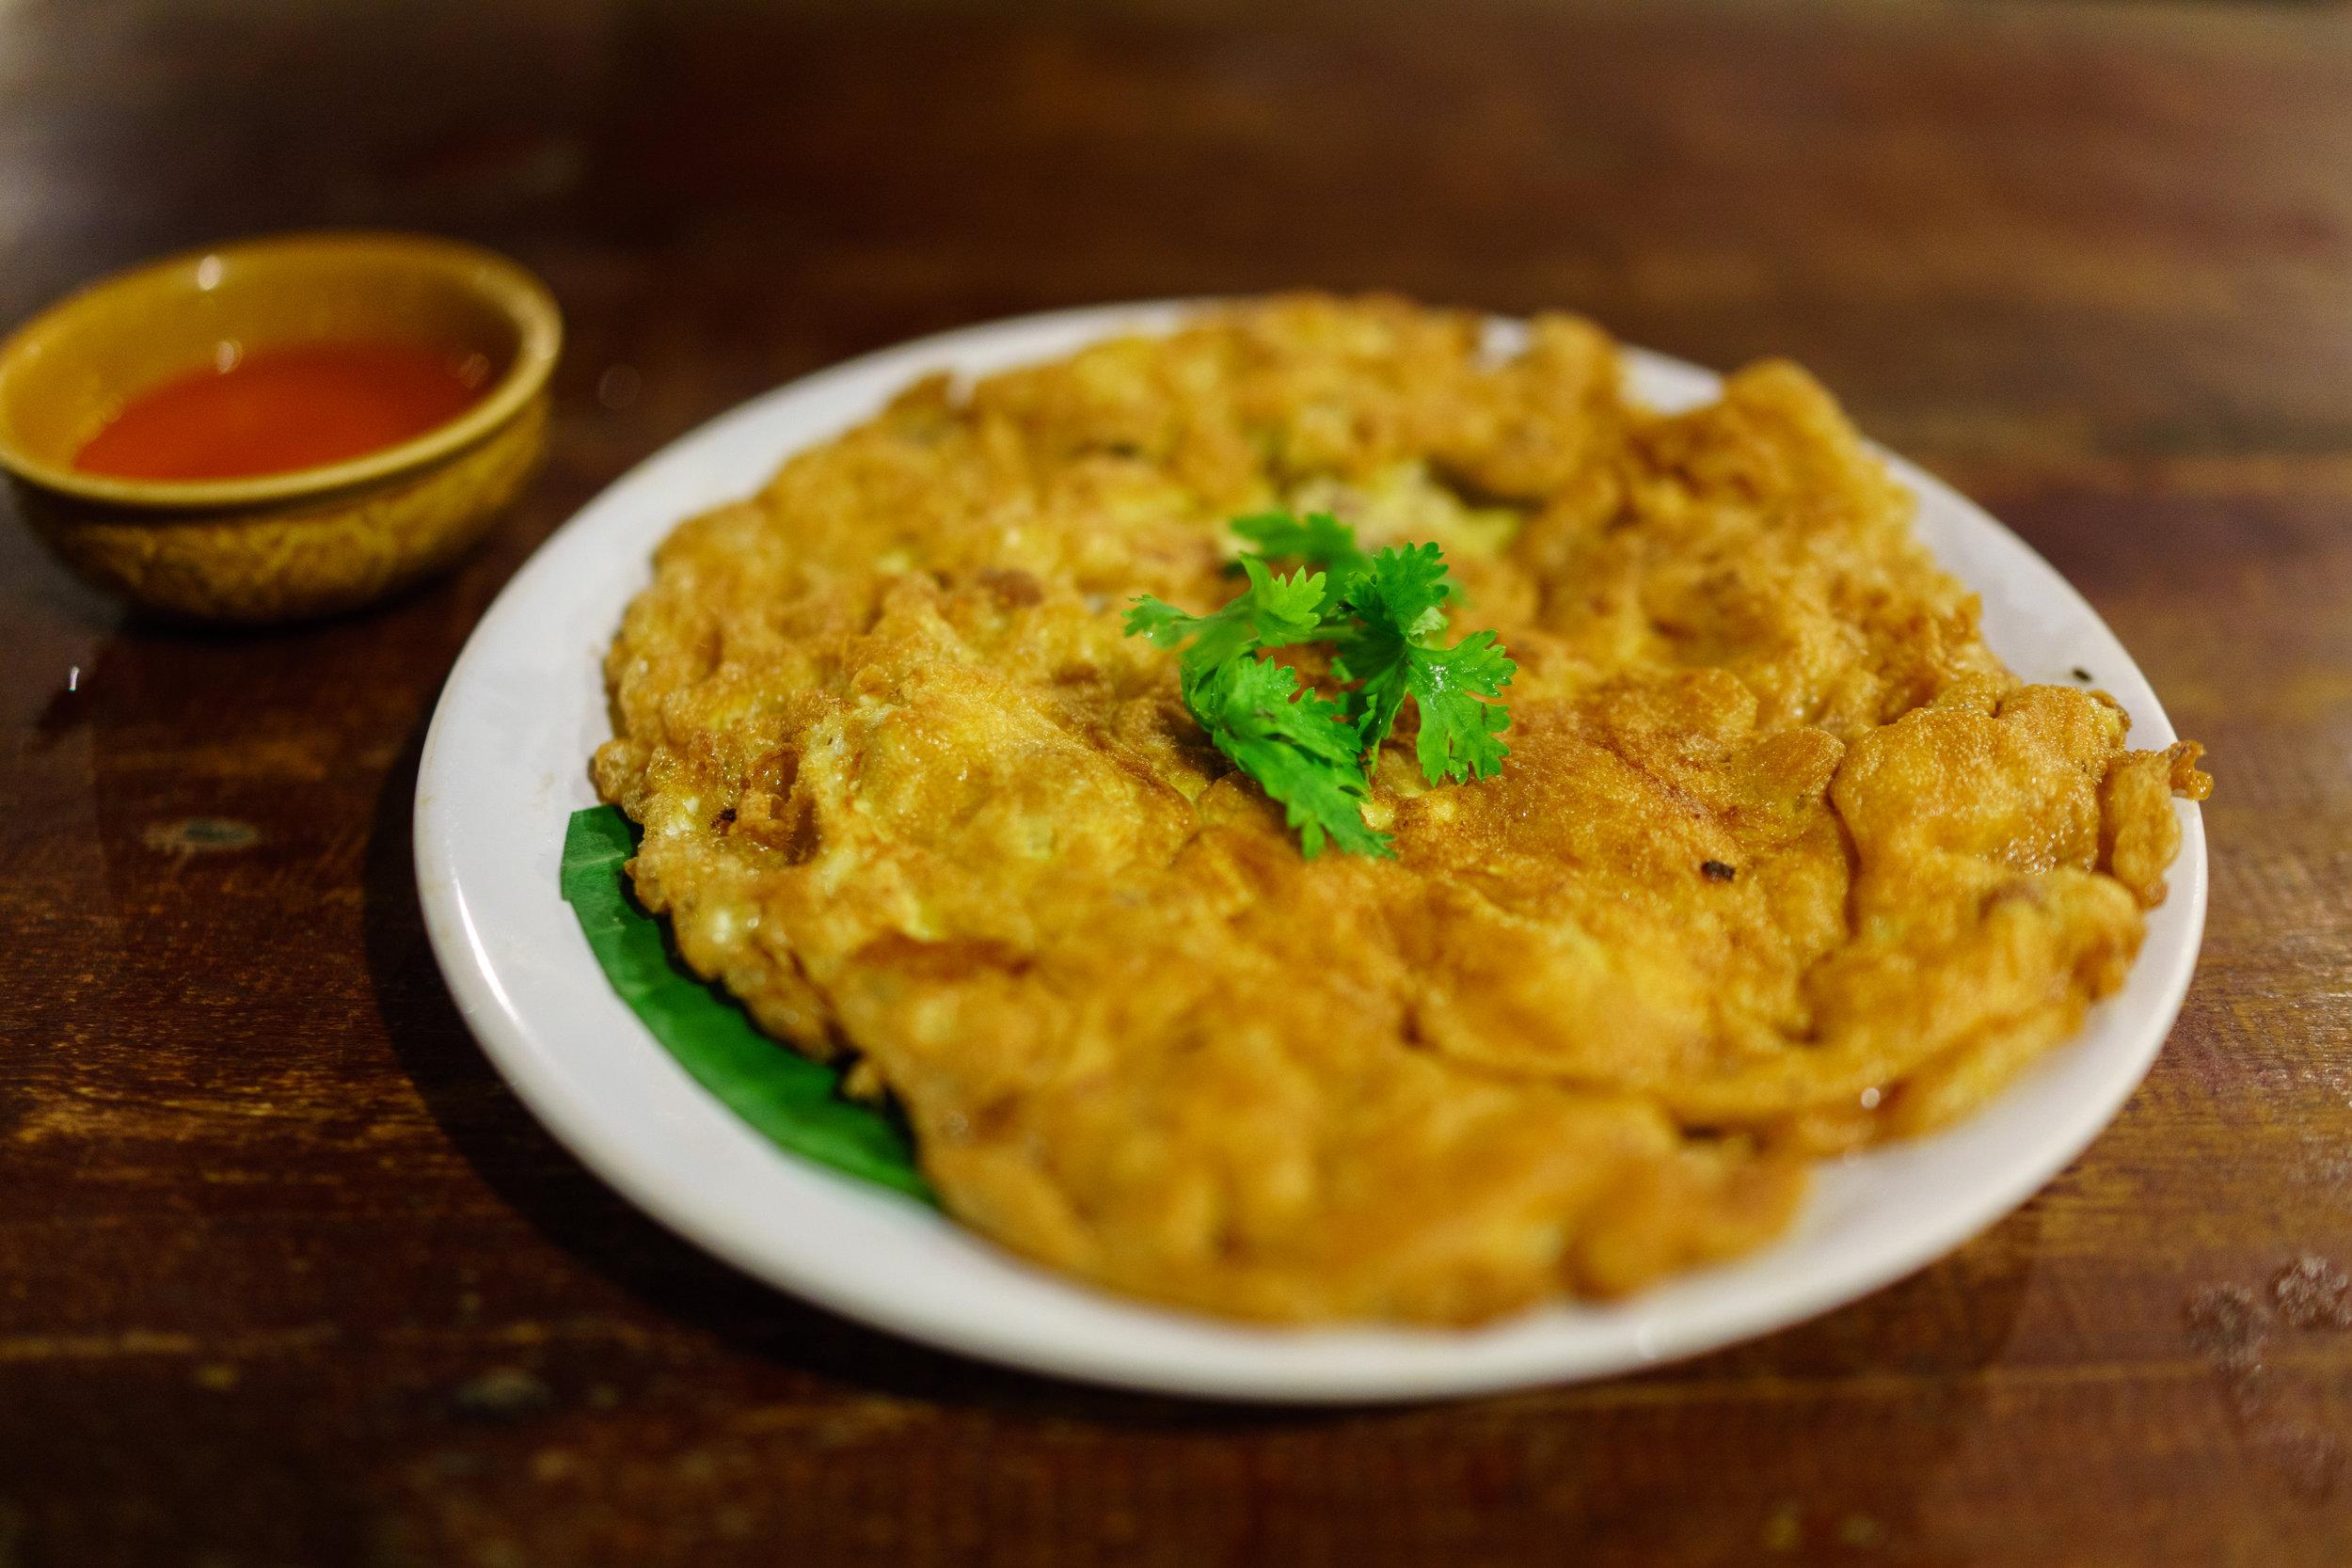 Fluffy Thai pork omelet